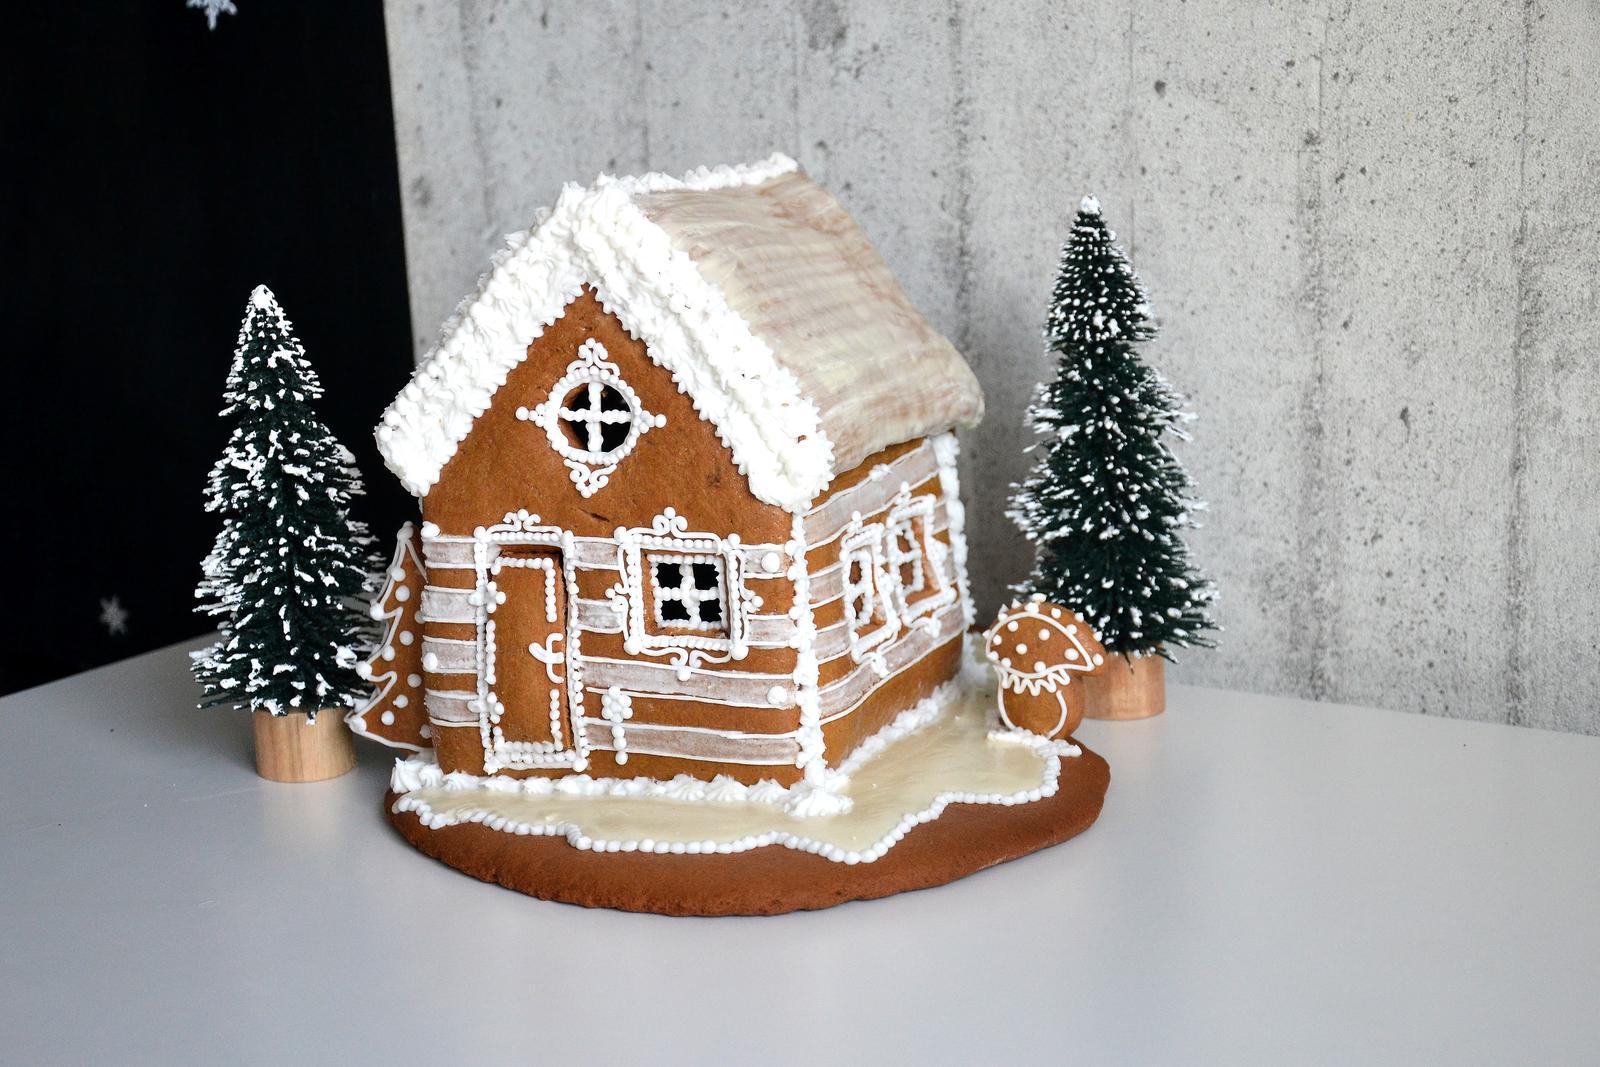 U nás doma v paneláku II. - více na blogu     http://venoskamade.blogspot.cz/  ještě musím dodělat střechu udělala jsem si málo sněhu :-)